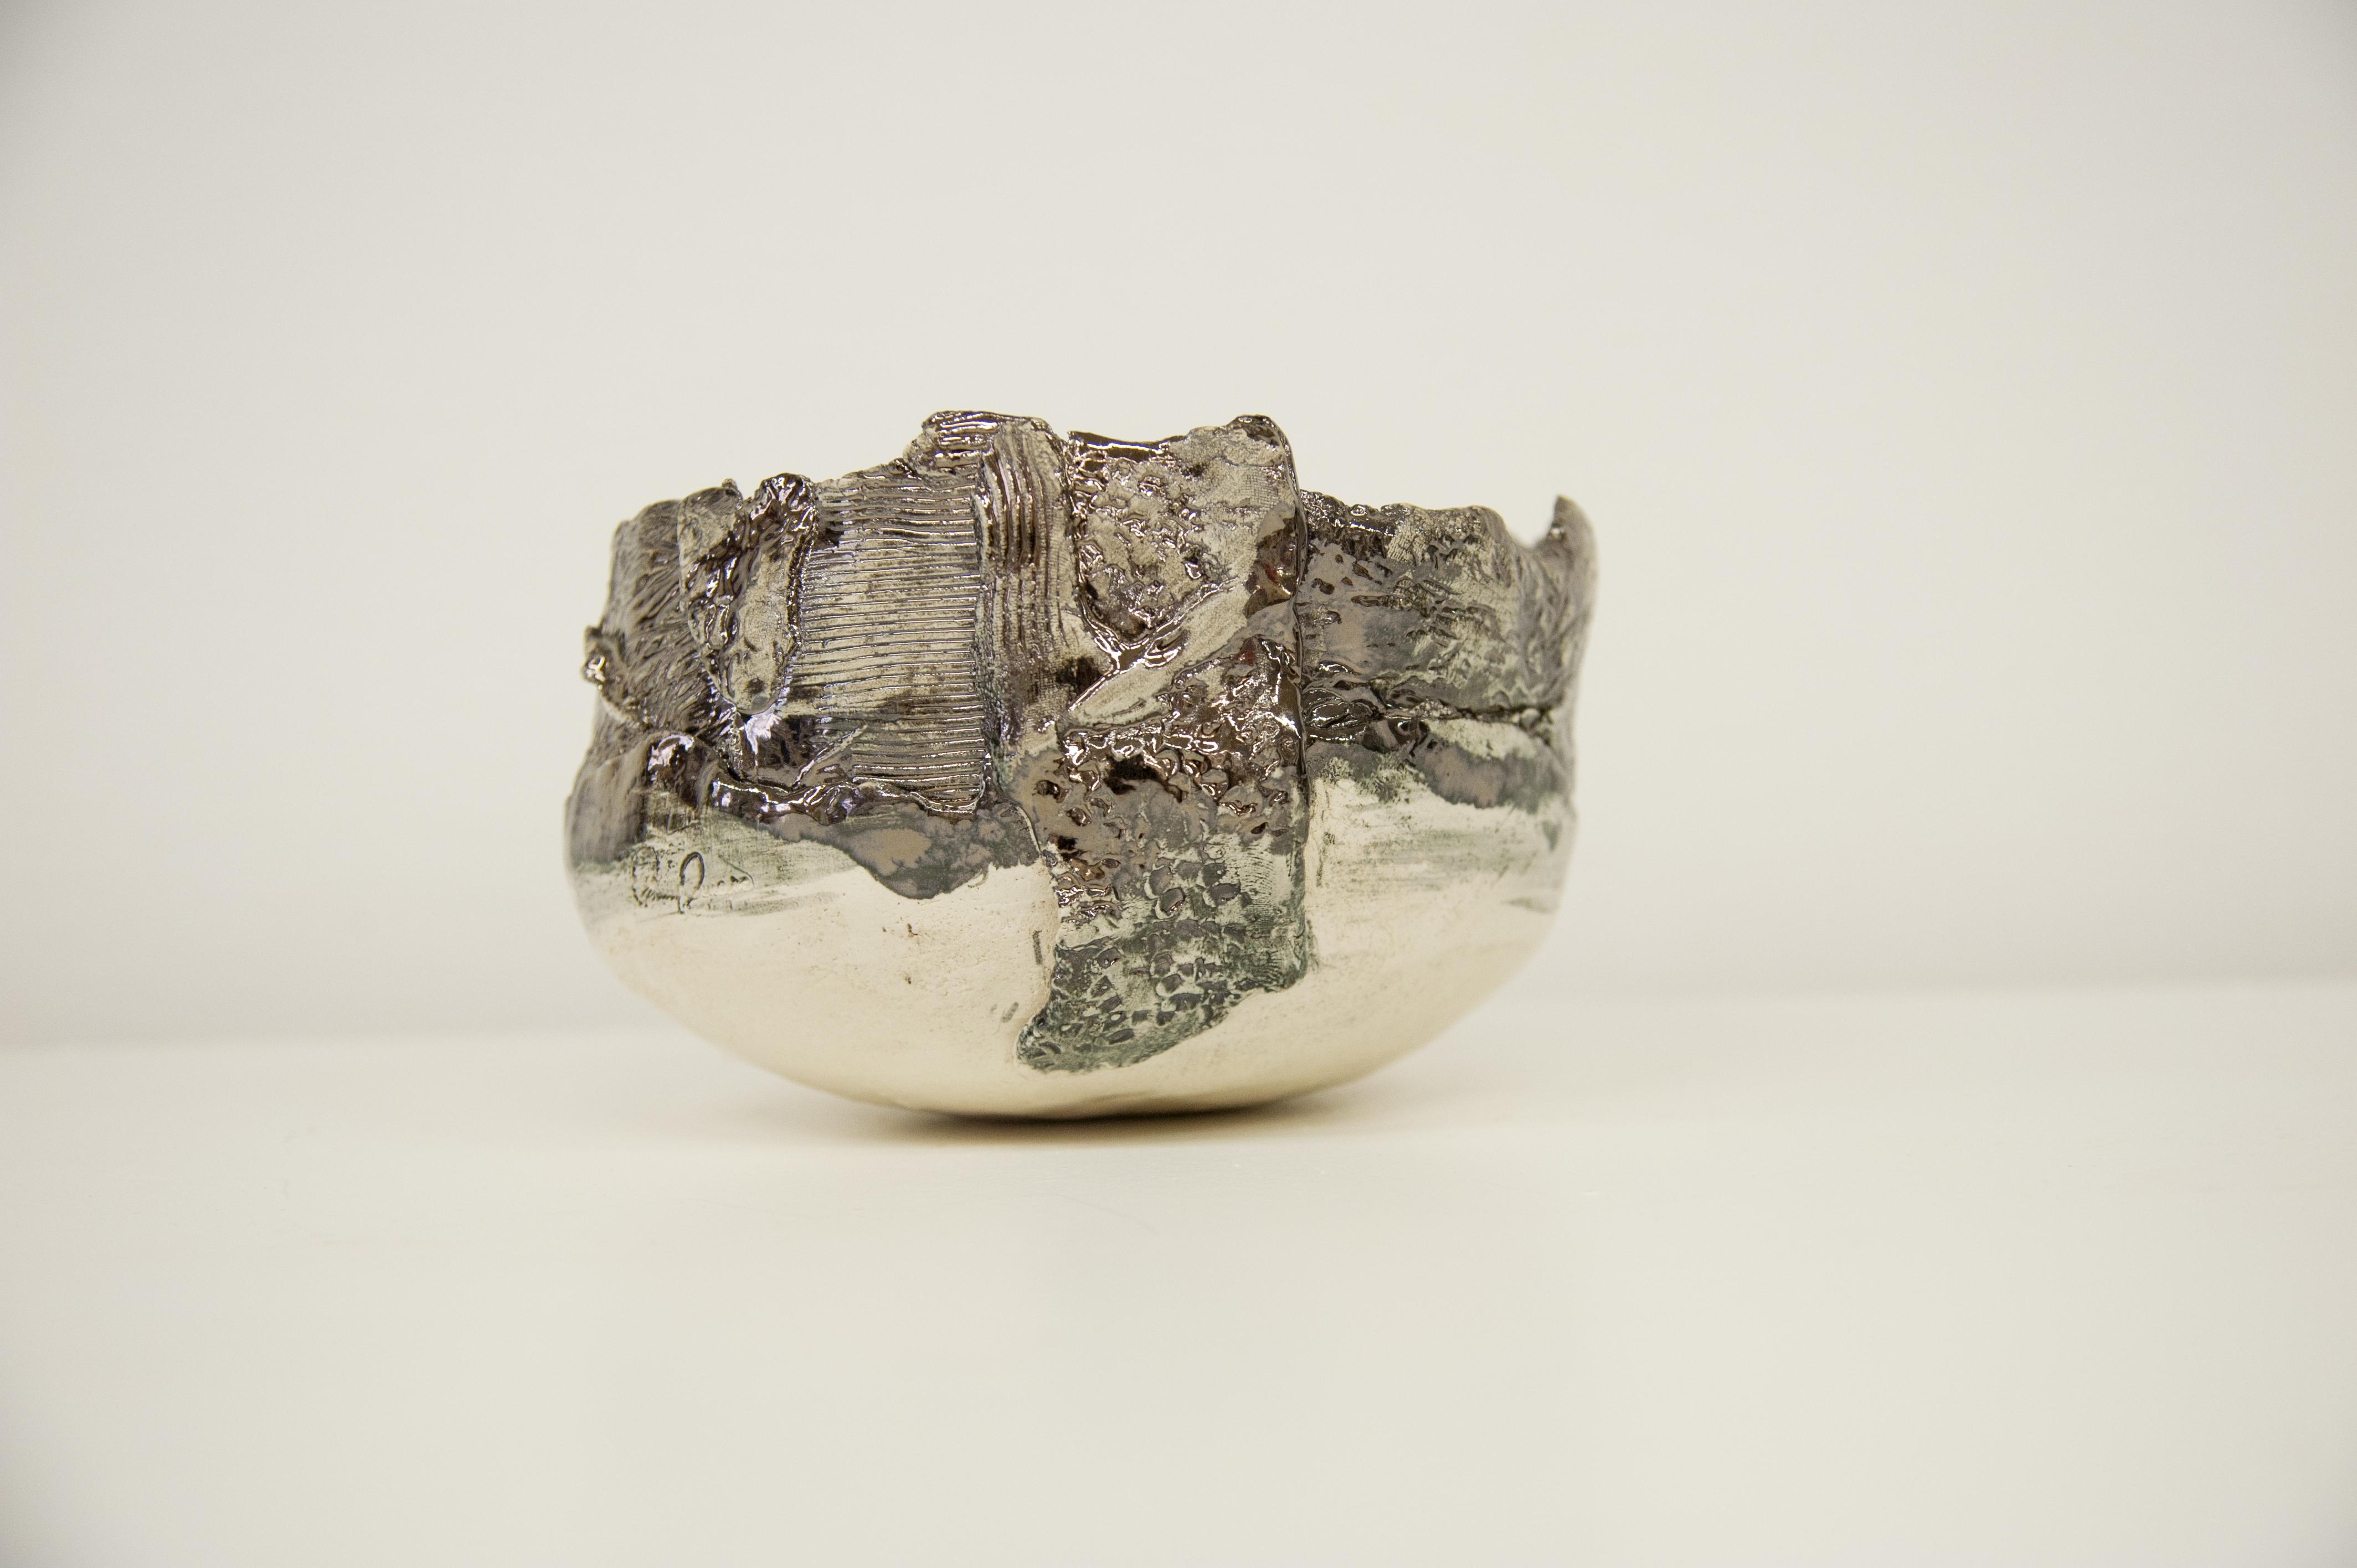 Ciotola in ceramica con fascia